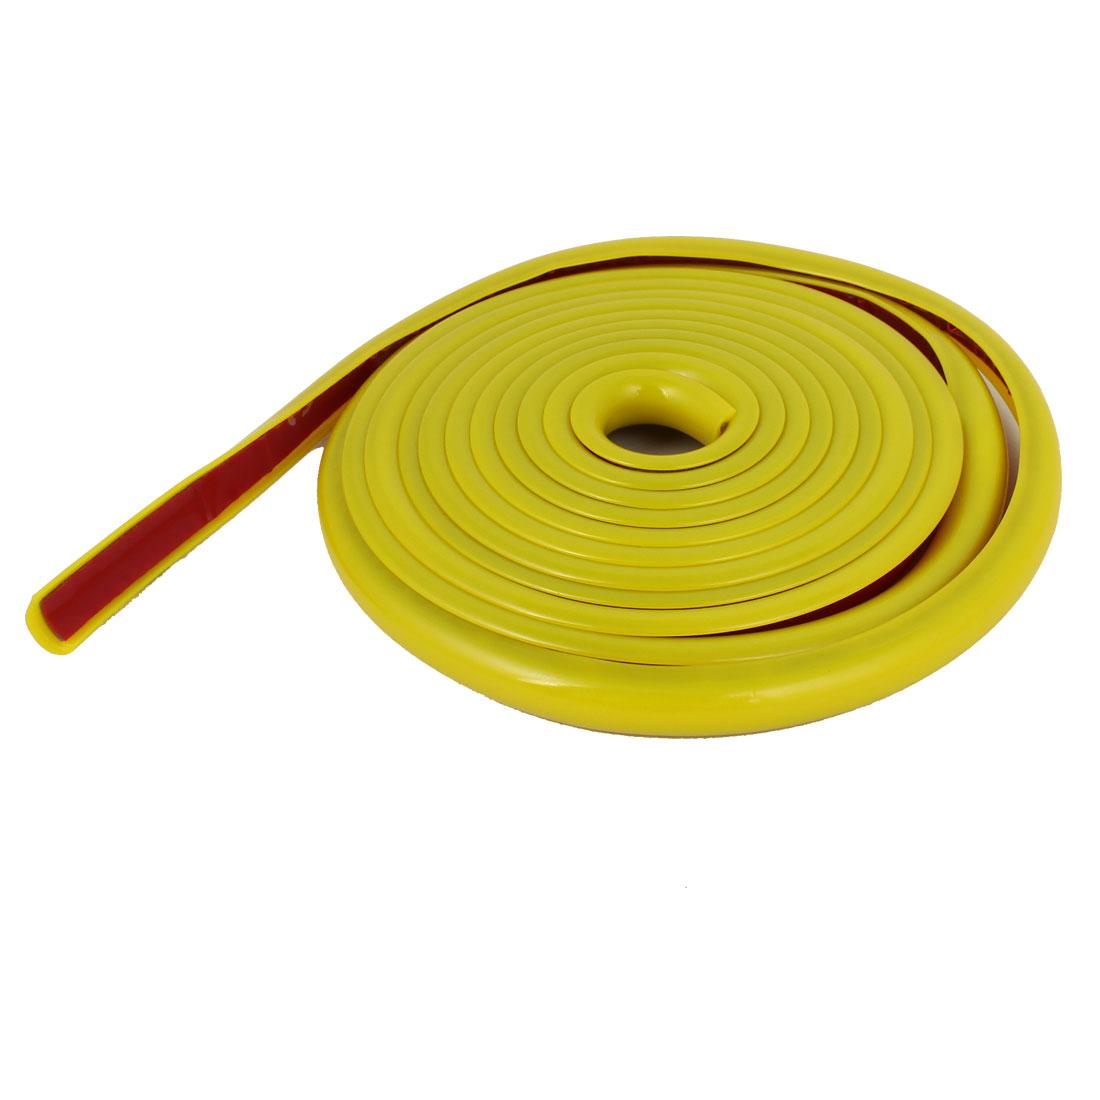 Yellow Slim Auto Car Decorative Moulding Trim Strip 2M 6.6Ft